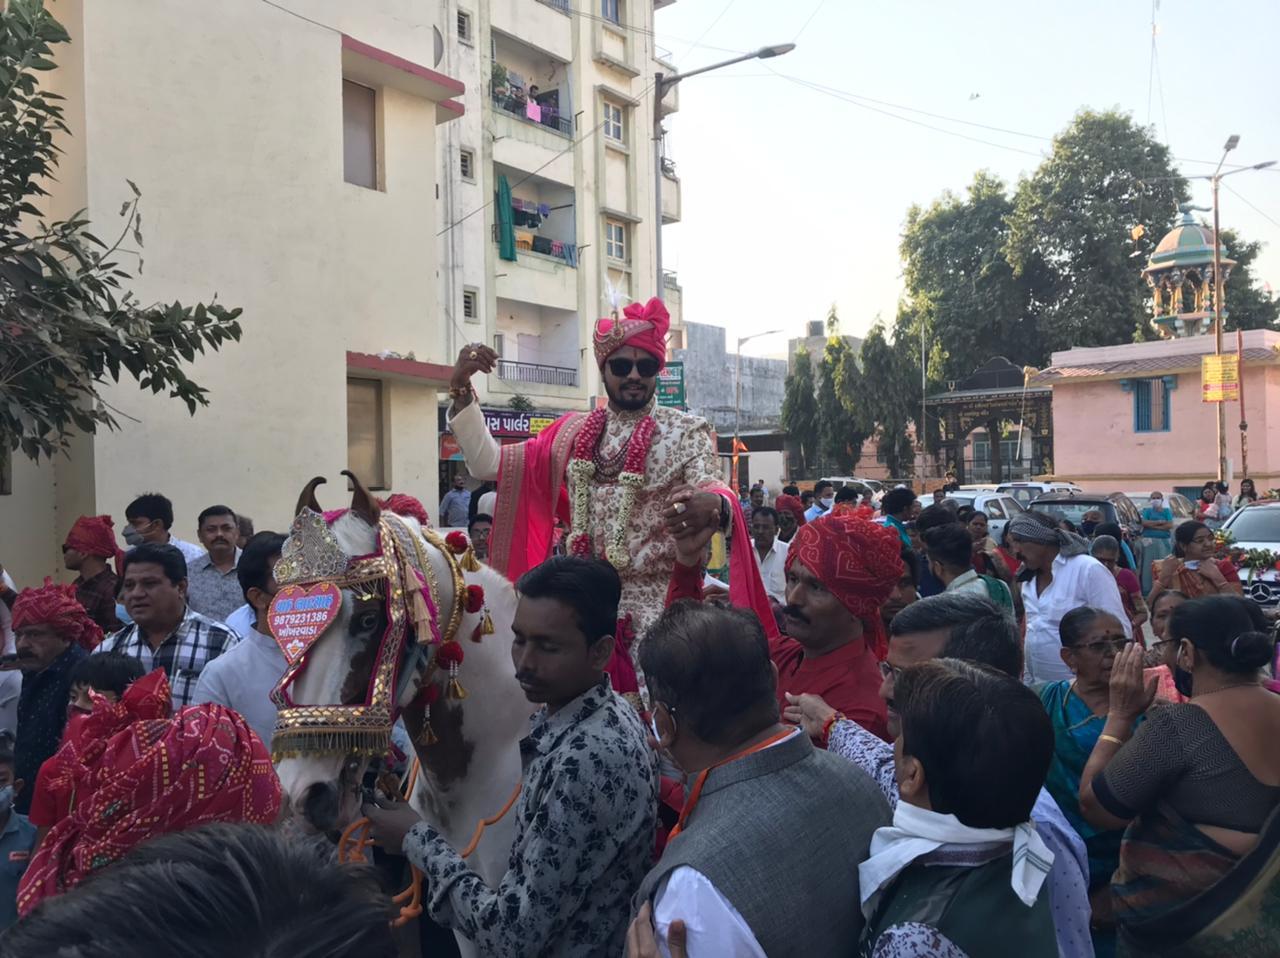 પ્રણવ પટેલ, અમદાવાદ: અમદાવાદમાં (Ahmedabad) સહિત છ મહાનગરપાલિકામાં (Mahanagarpalika) આજે મતદાન (Election) થઇ રહ્યું છે. ત્યારે લોકોમાં પણ ઉત્સાહ દેખાઇ રહ્યો છે. શહેરના થલતેજ ગામમાં રહેતા બારોટ પરિવારના પુત્રનું આજે લગ્ન (marriage) છે. પરિવારની જાન હિંમતનગર જવાની છે તે પહેલા પરિવારે પોતાનો લોકશાહીનો પર્વ ઉજવીને મતદાન કર્યું છે. વરરાજા (groom) ધનરાજ બારોટ ઘોડે ચઢીને મતદાન કરવા પહોંચ્યા હતા.